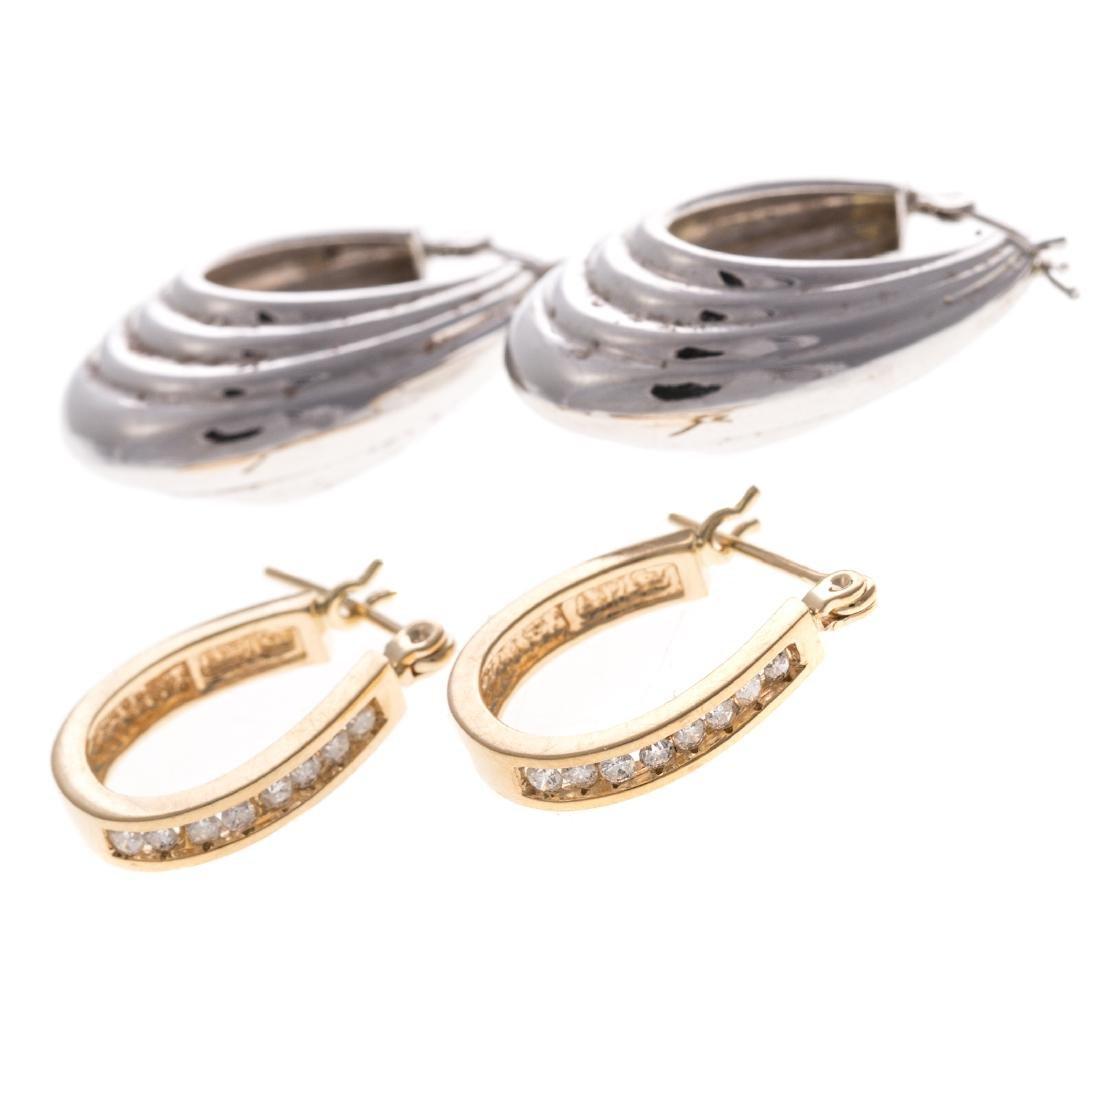 Two Pairs of Lady's 14K Hoop Earrings - 2